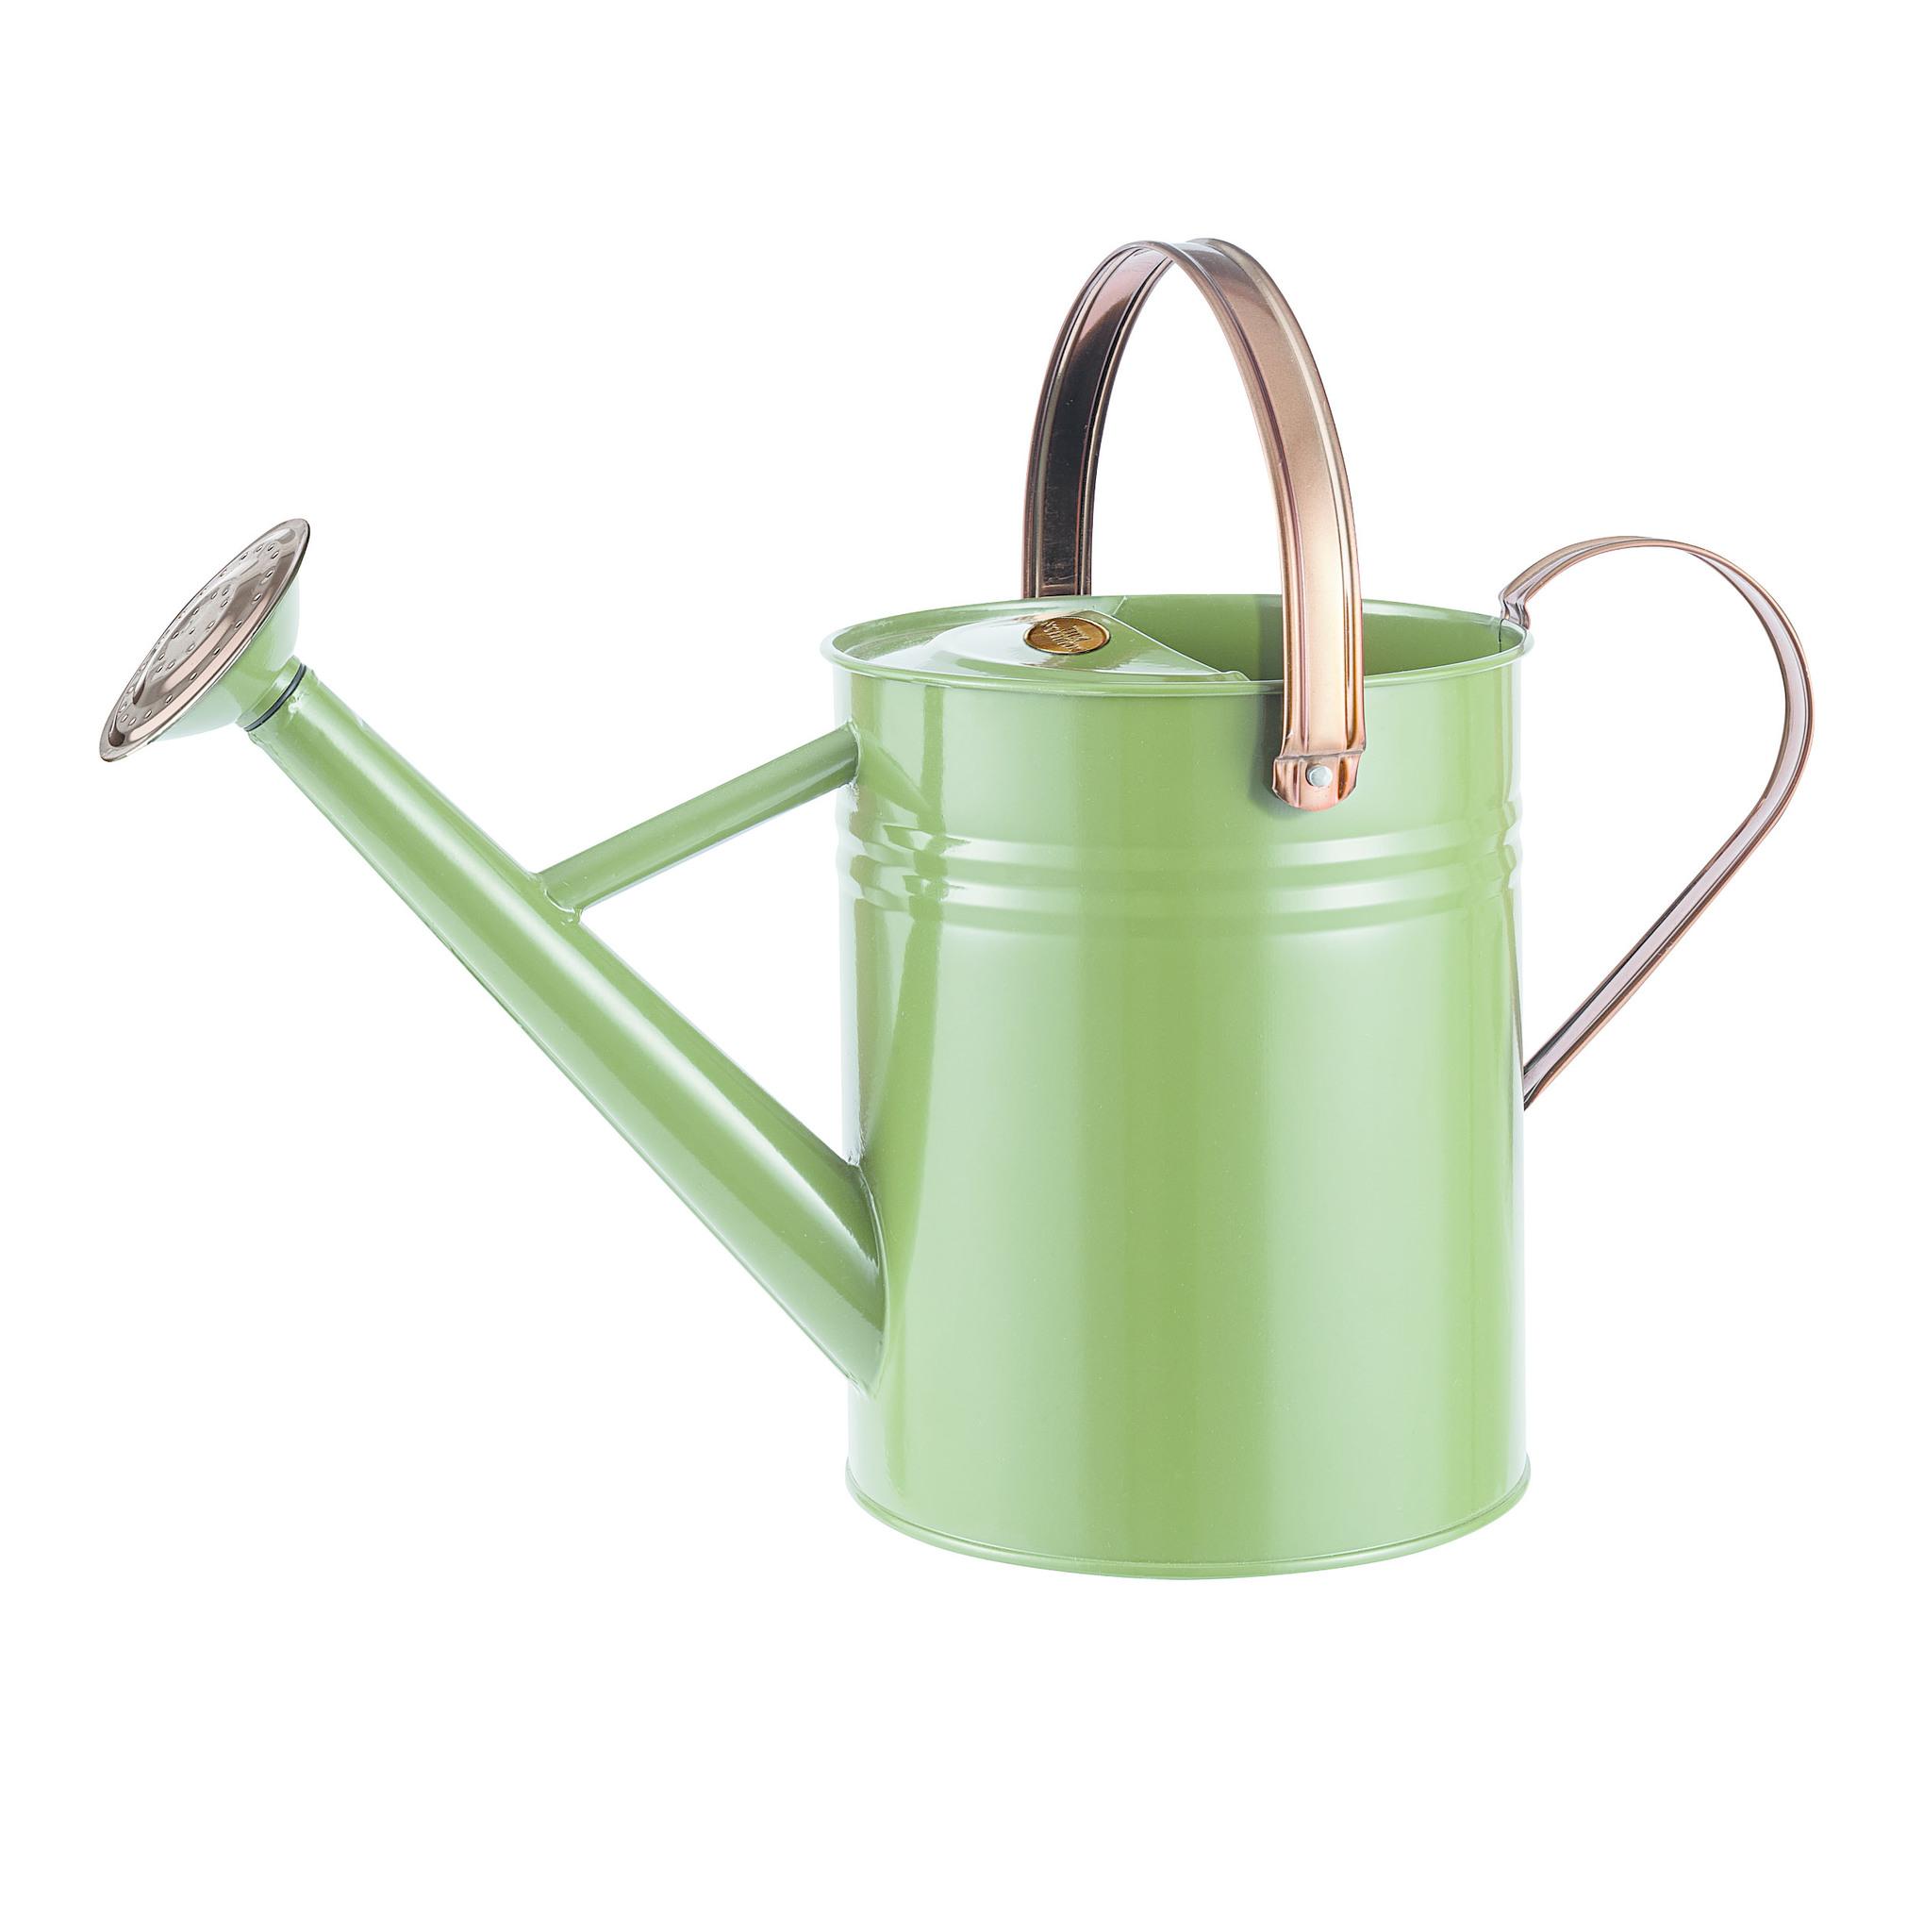 Gardman metal watering can tweed green 4 5l 1 gal galvanised steel - Gallon metal watering can ...